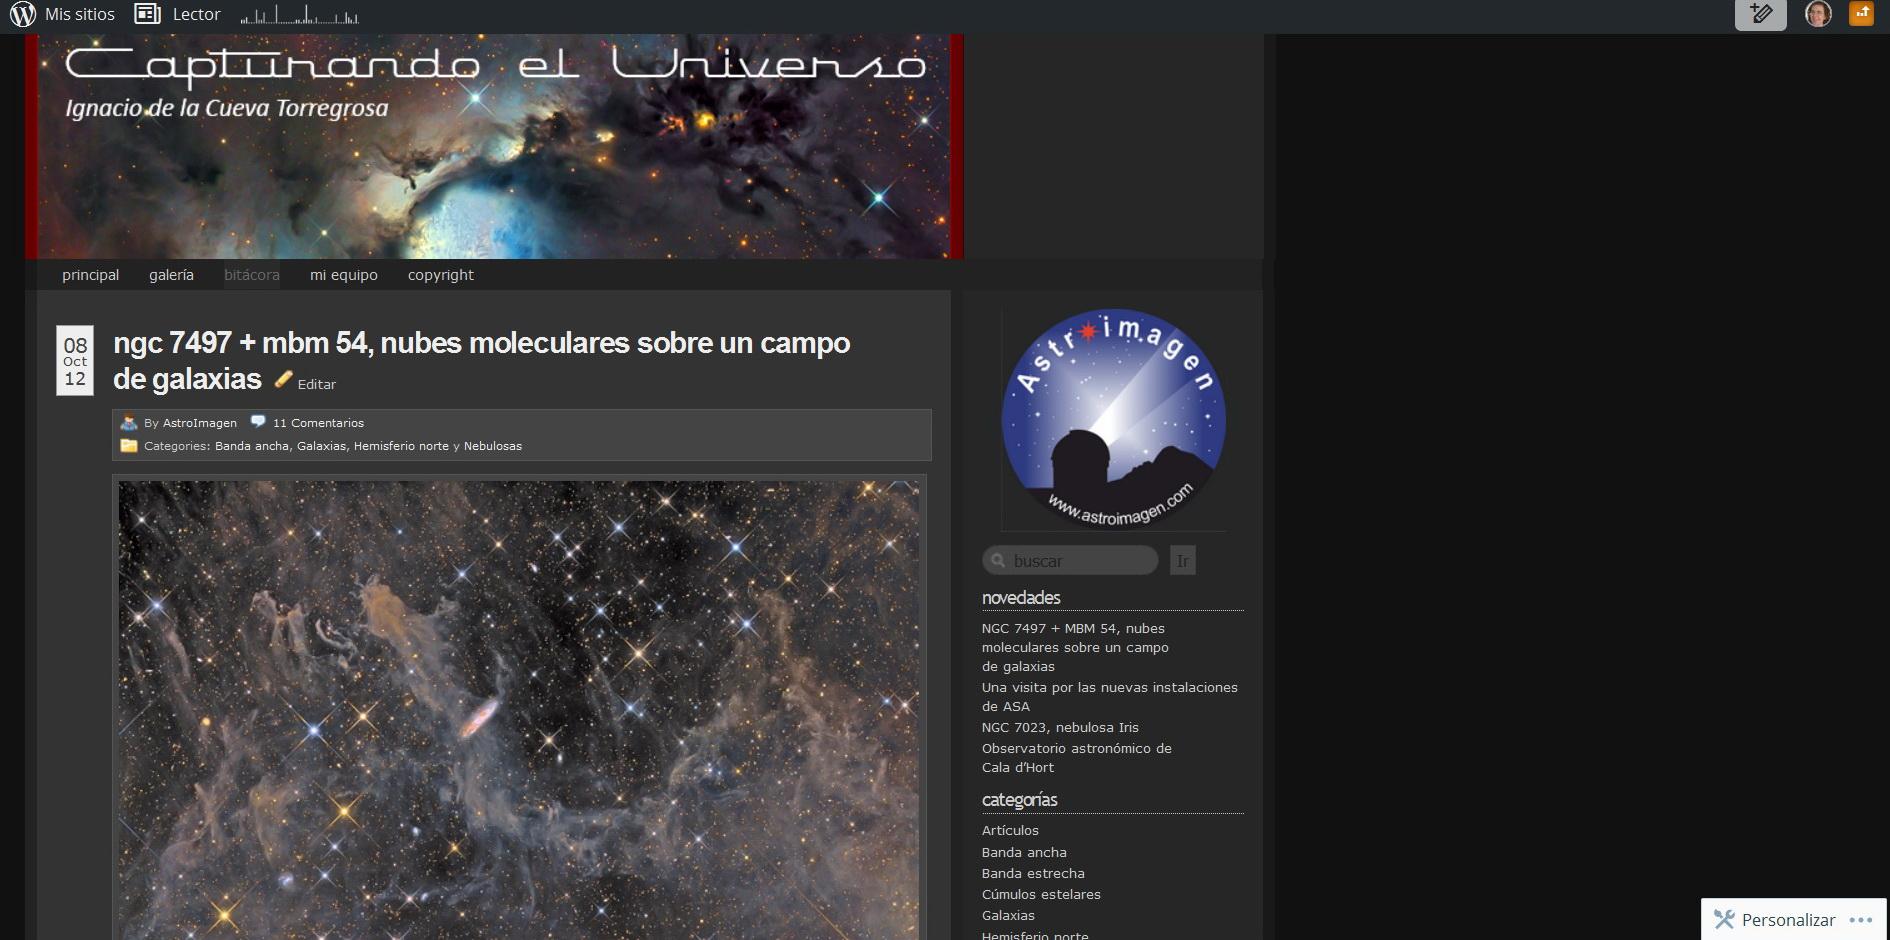 Capturando el Universo